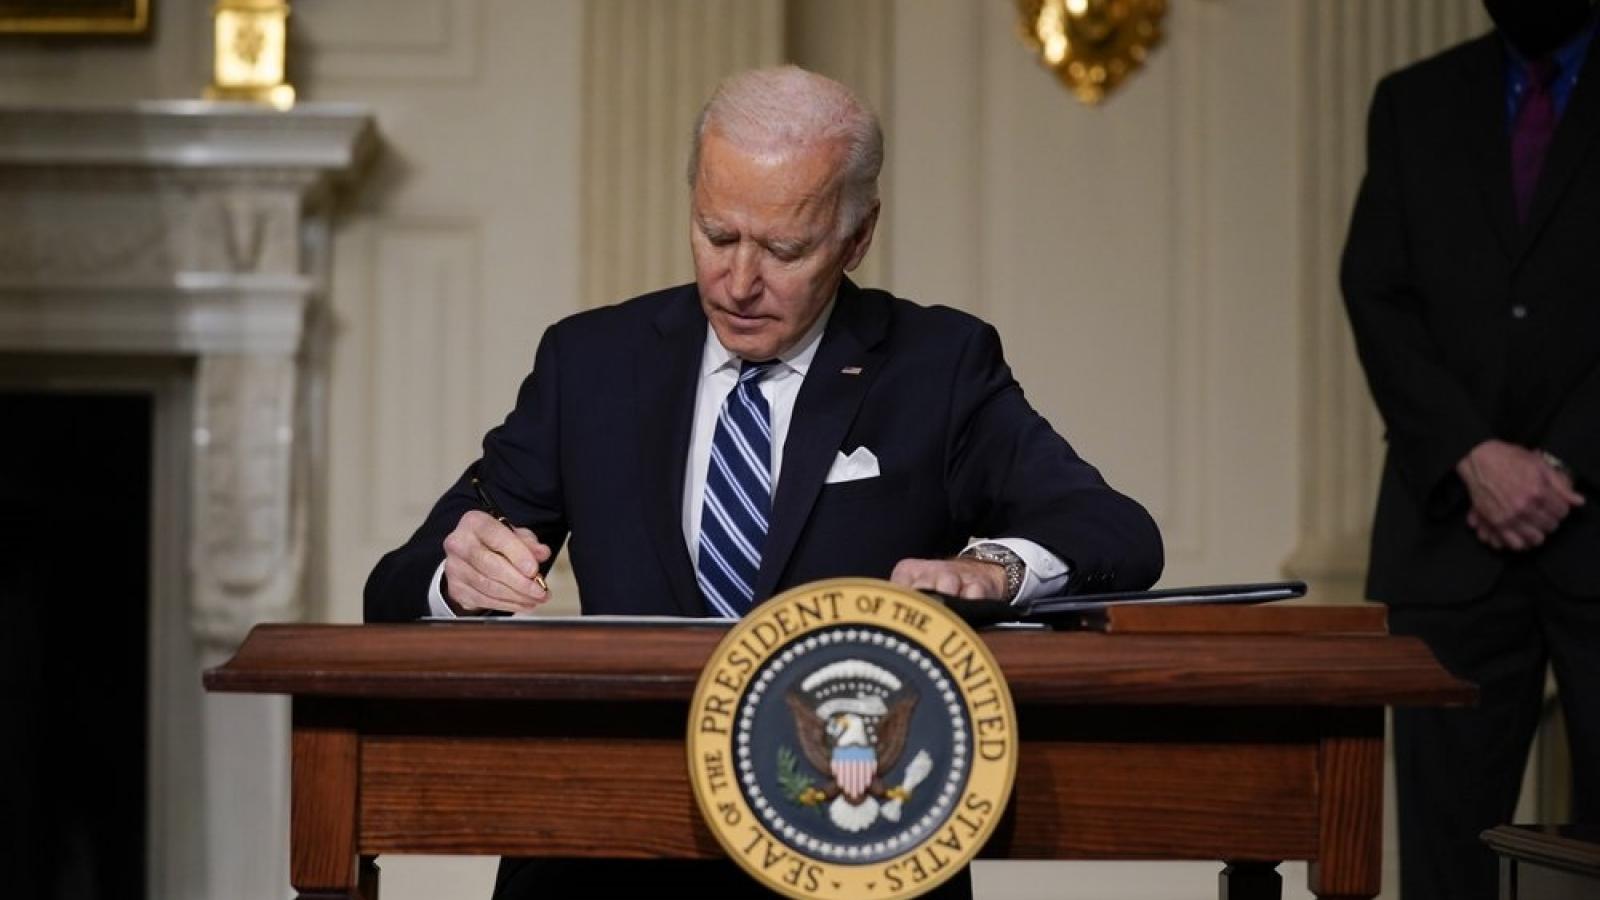 Thượng đỉnh Mỹ-Trung sẽ là ván cược lớn của Tổng thống Biden